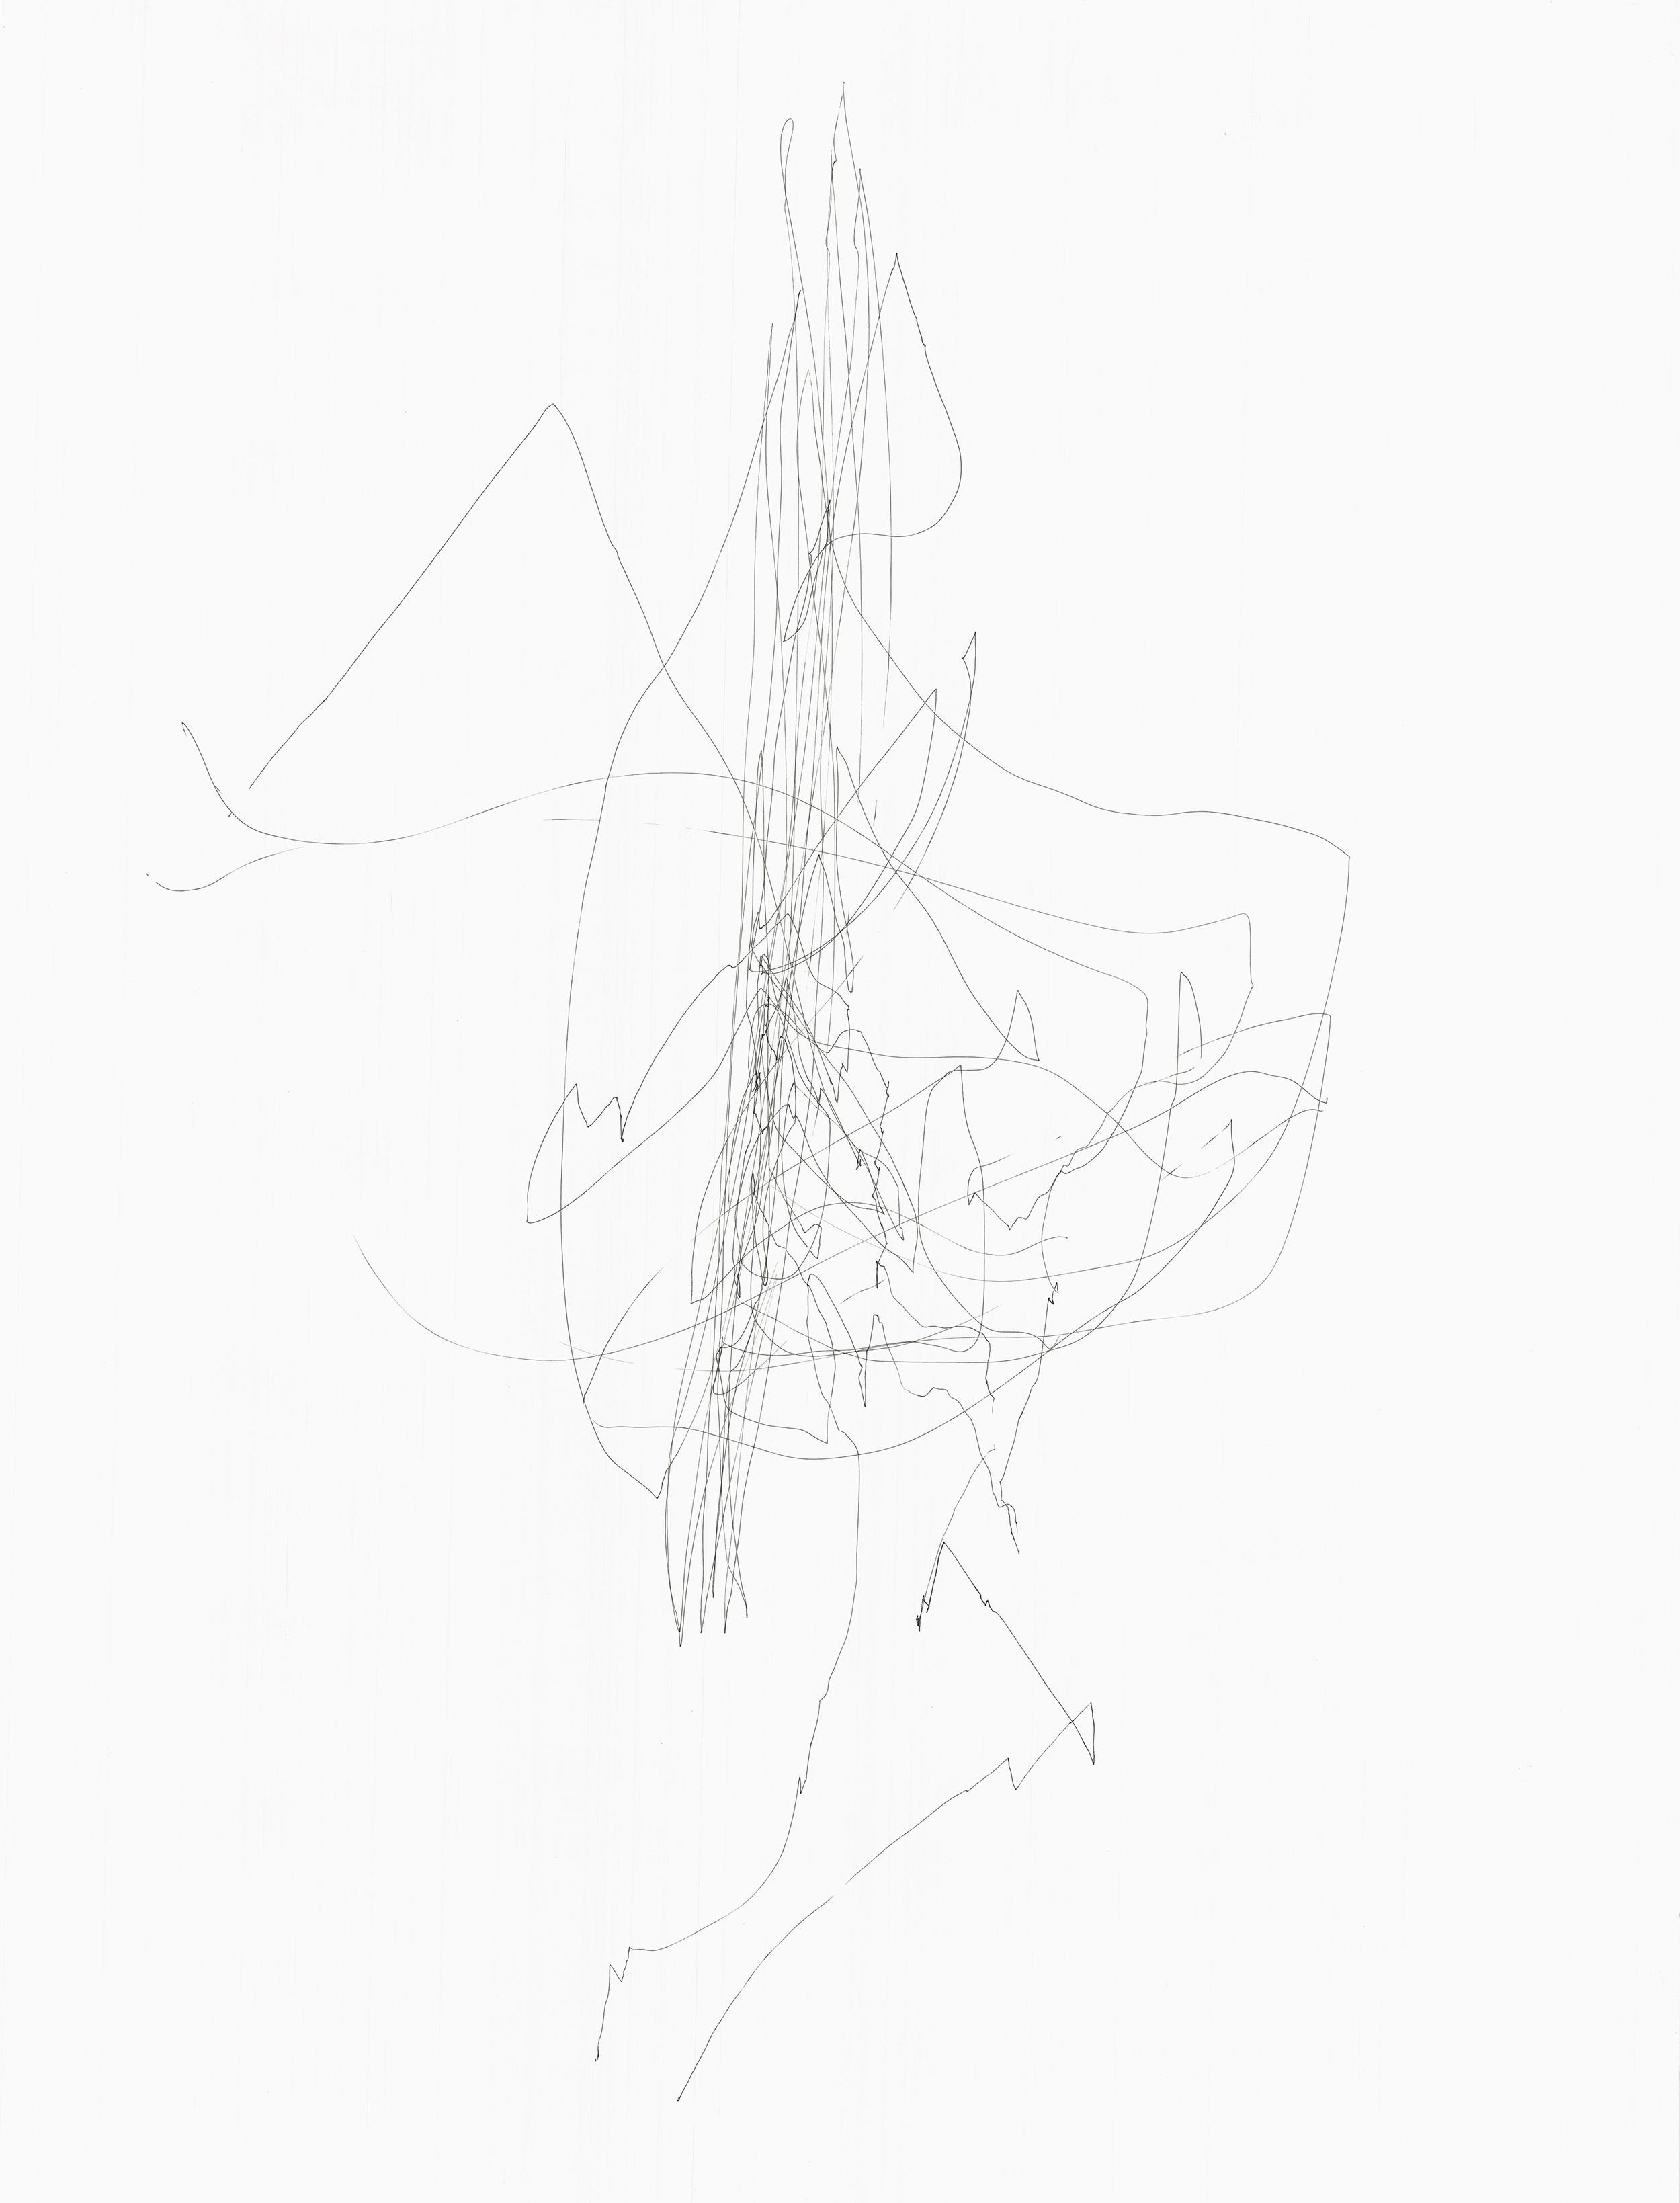 Vertical-Line-01.jpg